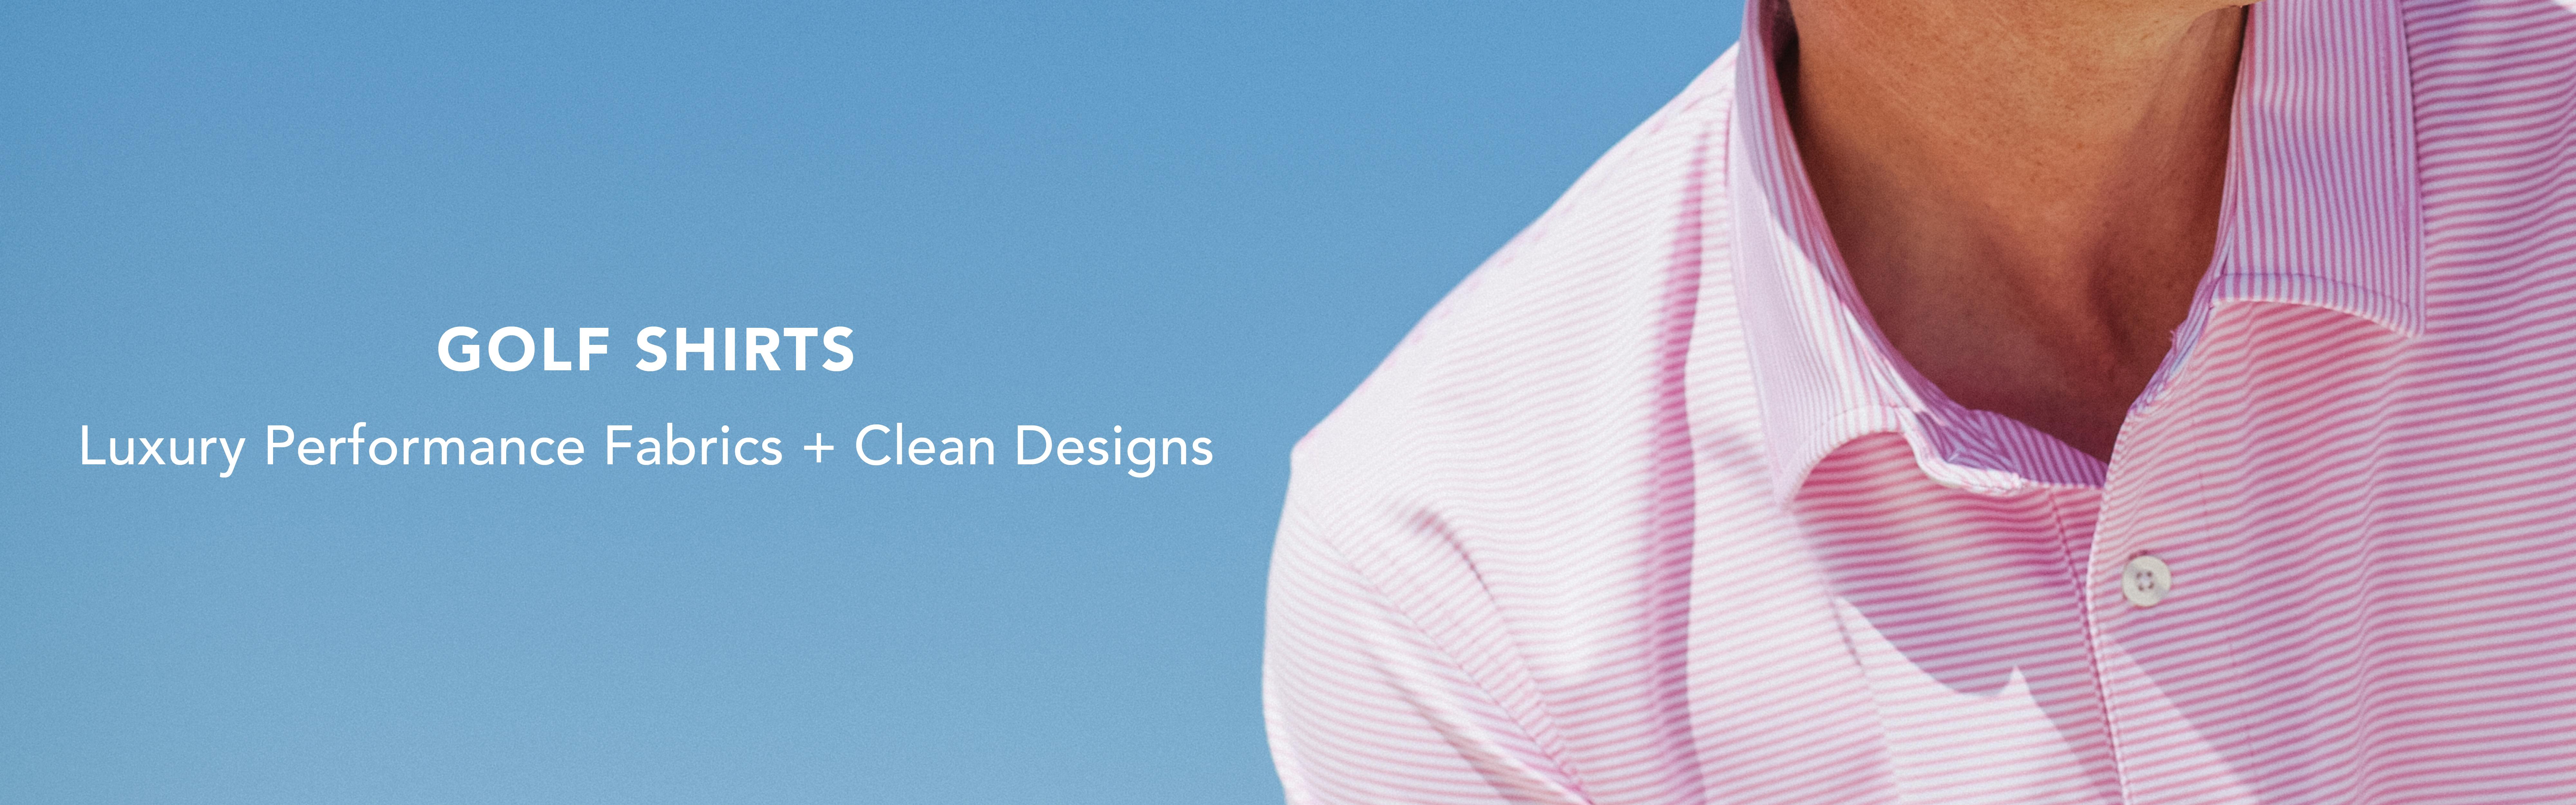 dunning-banner-anchor-golf-shirts.jpg